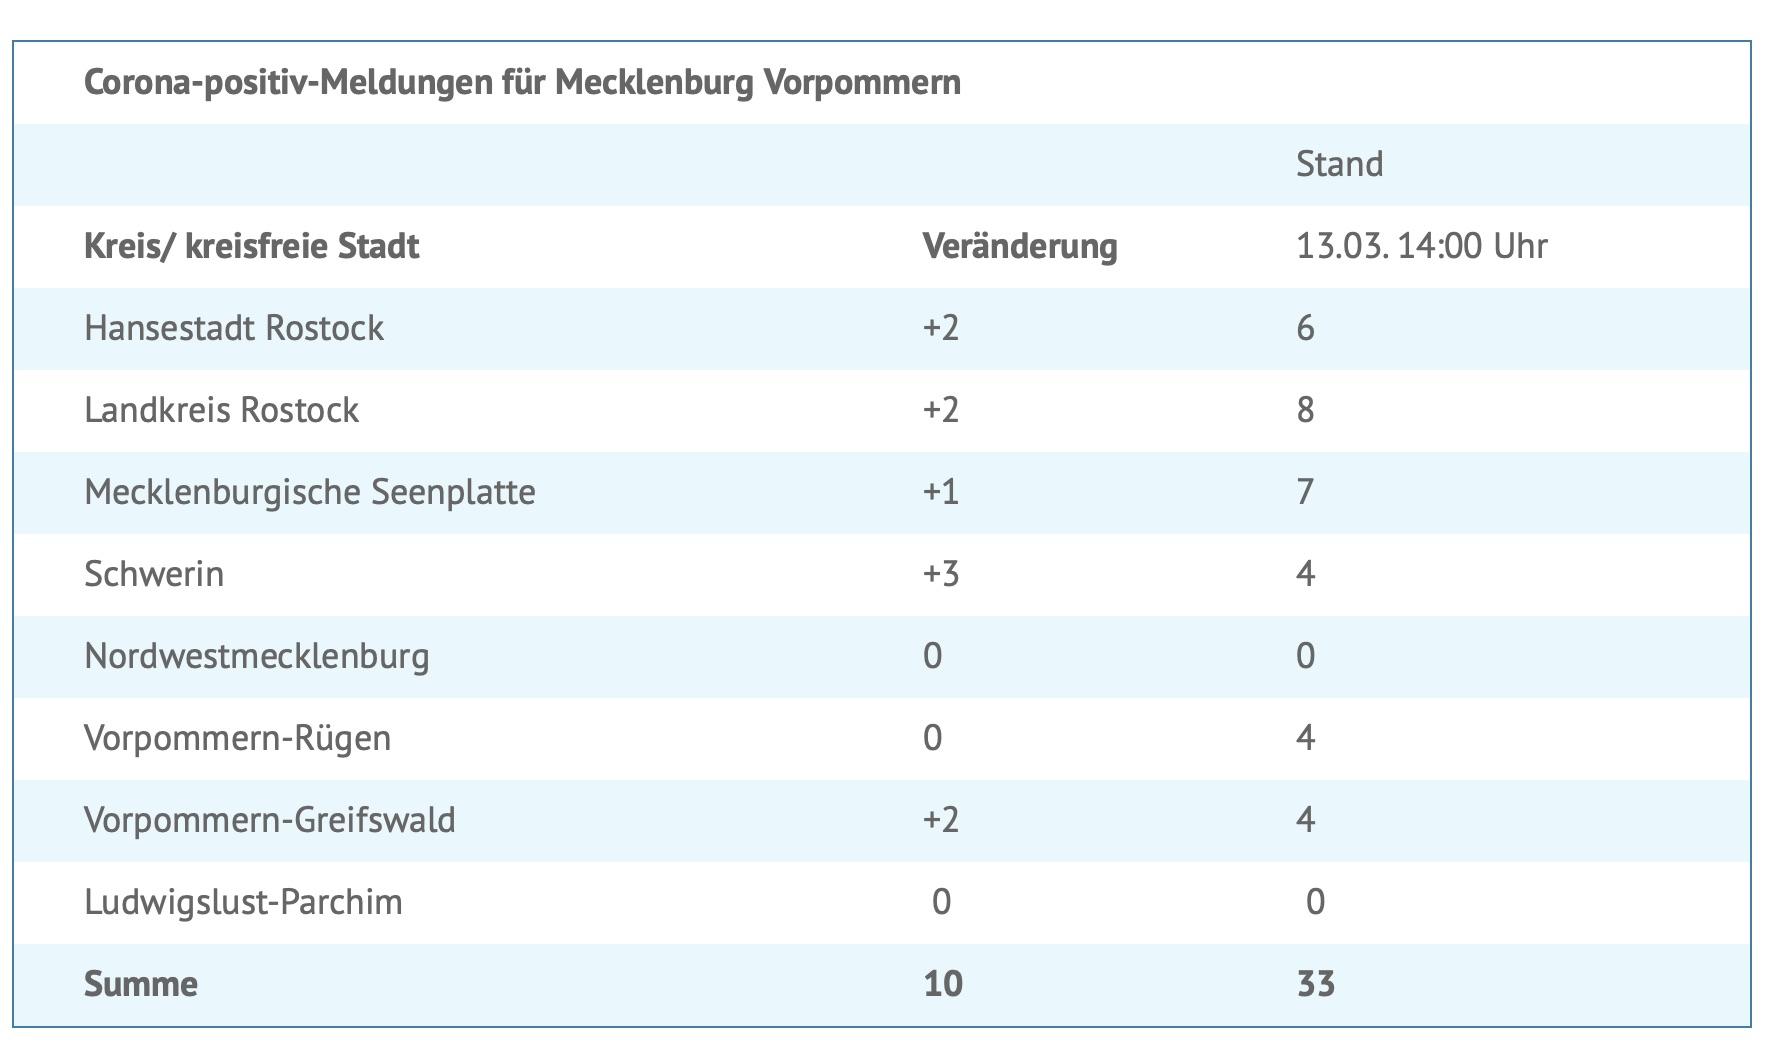 Corona Fälle Mecklenburg-Vorpommern